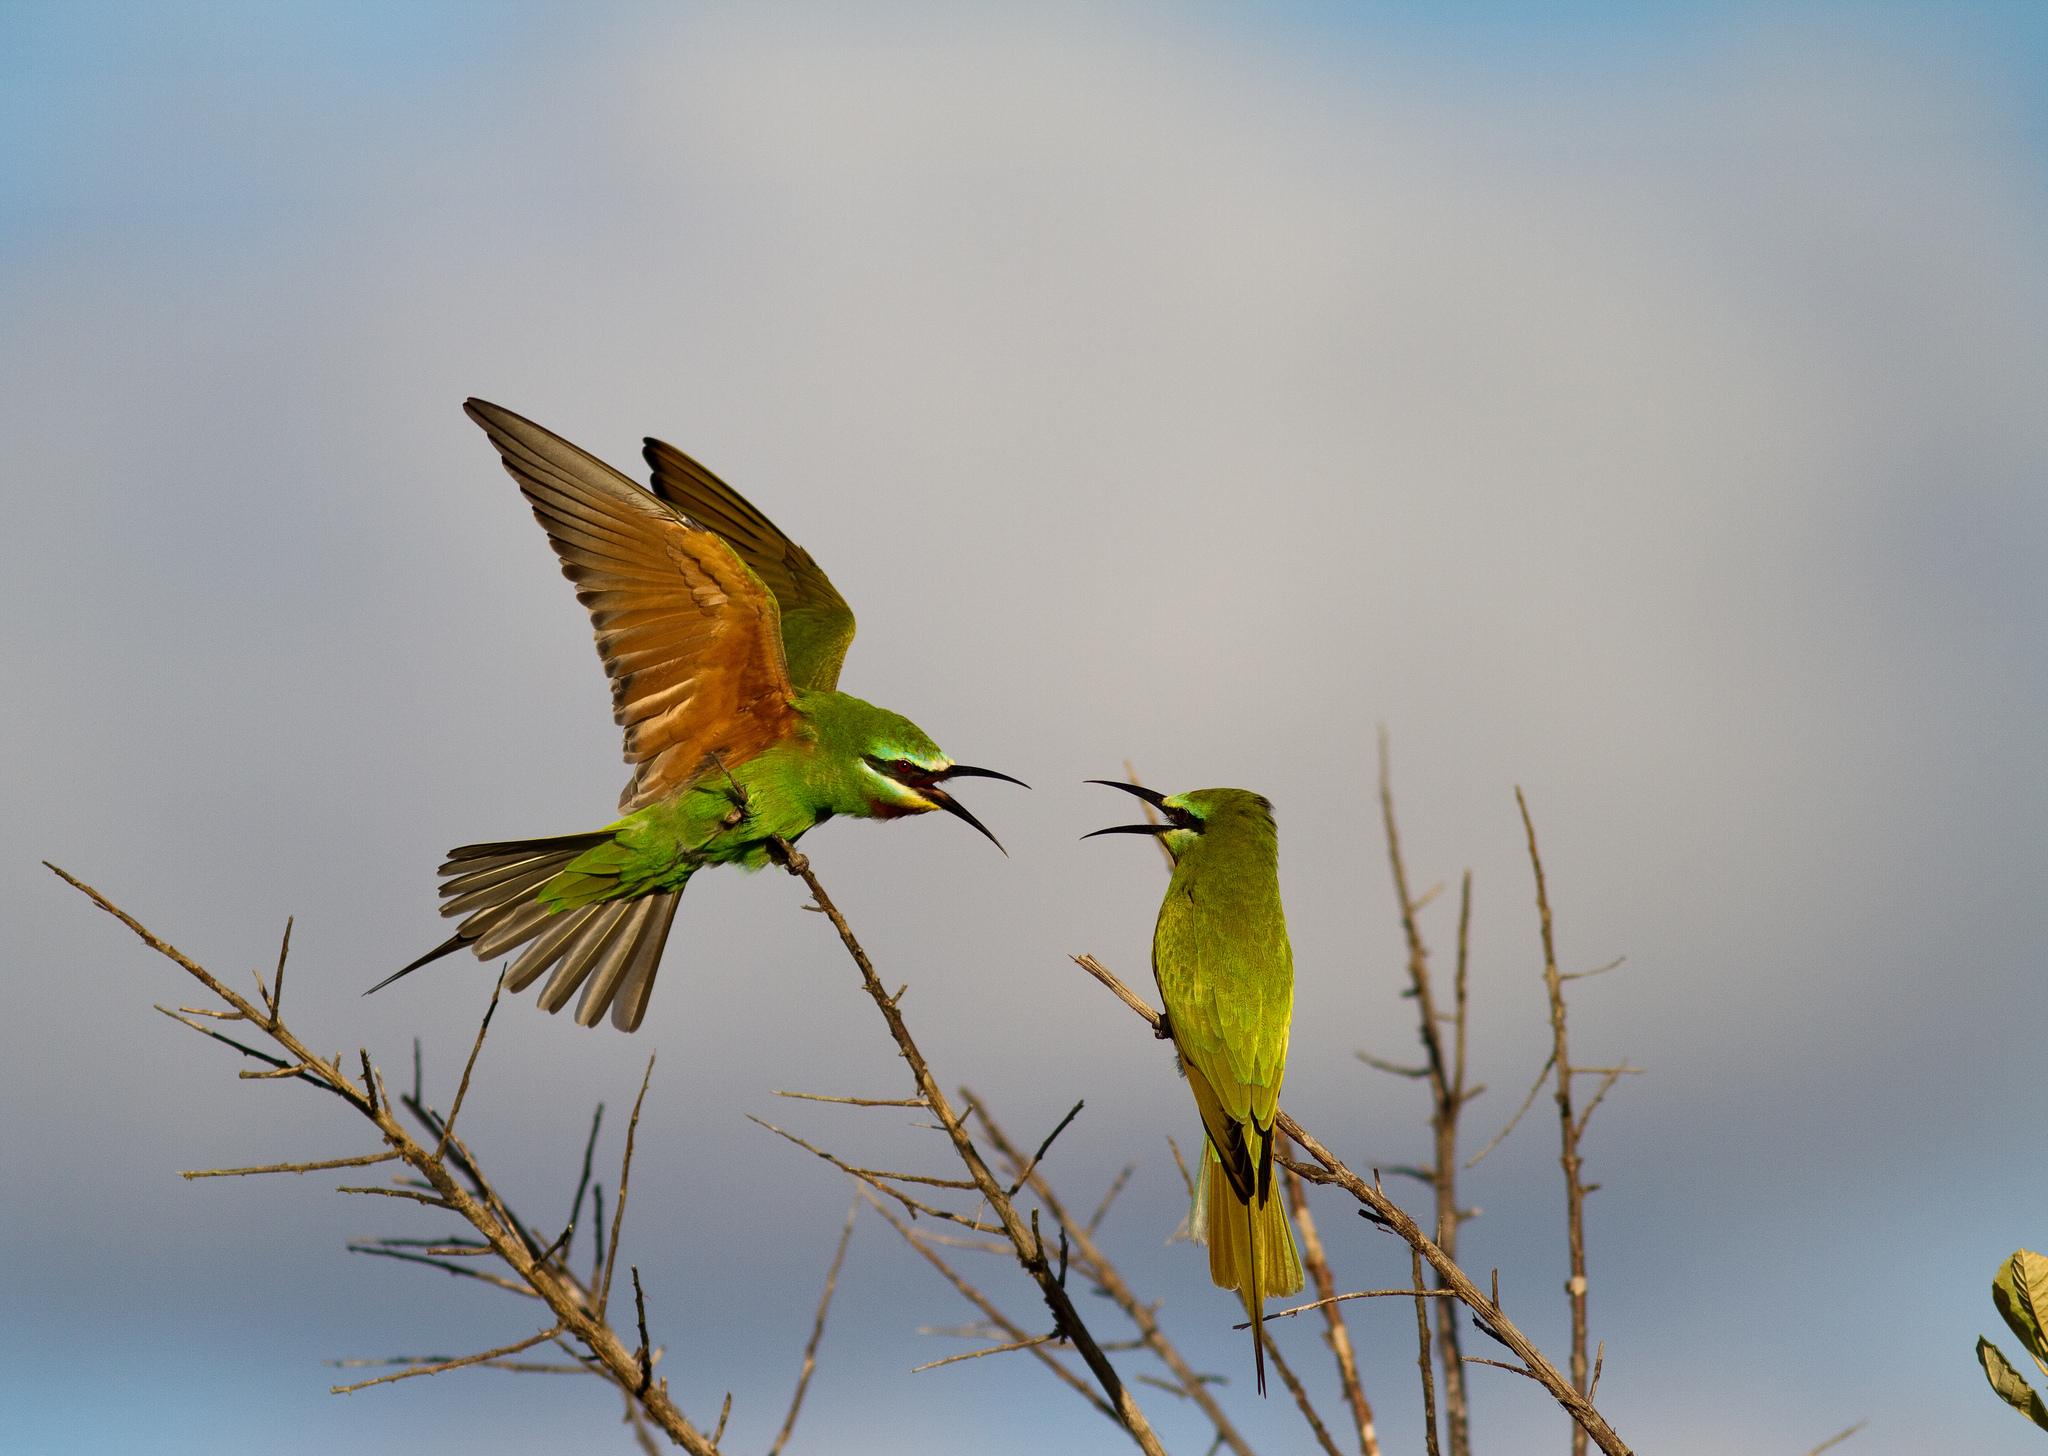 птица ветка клюв крылья  № 1996101 загрузить